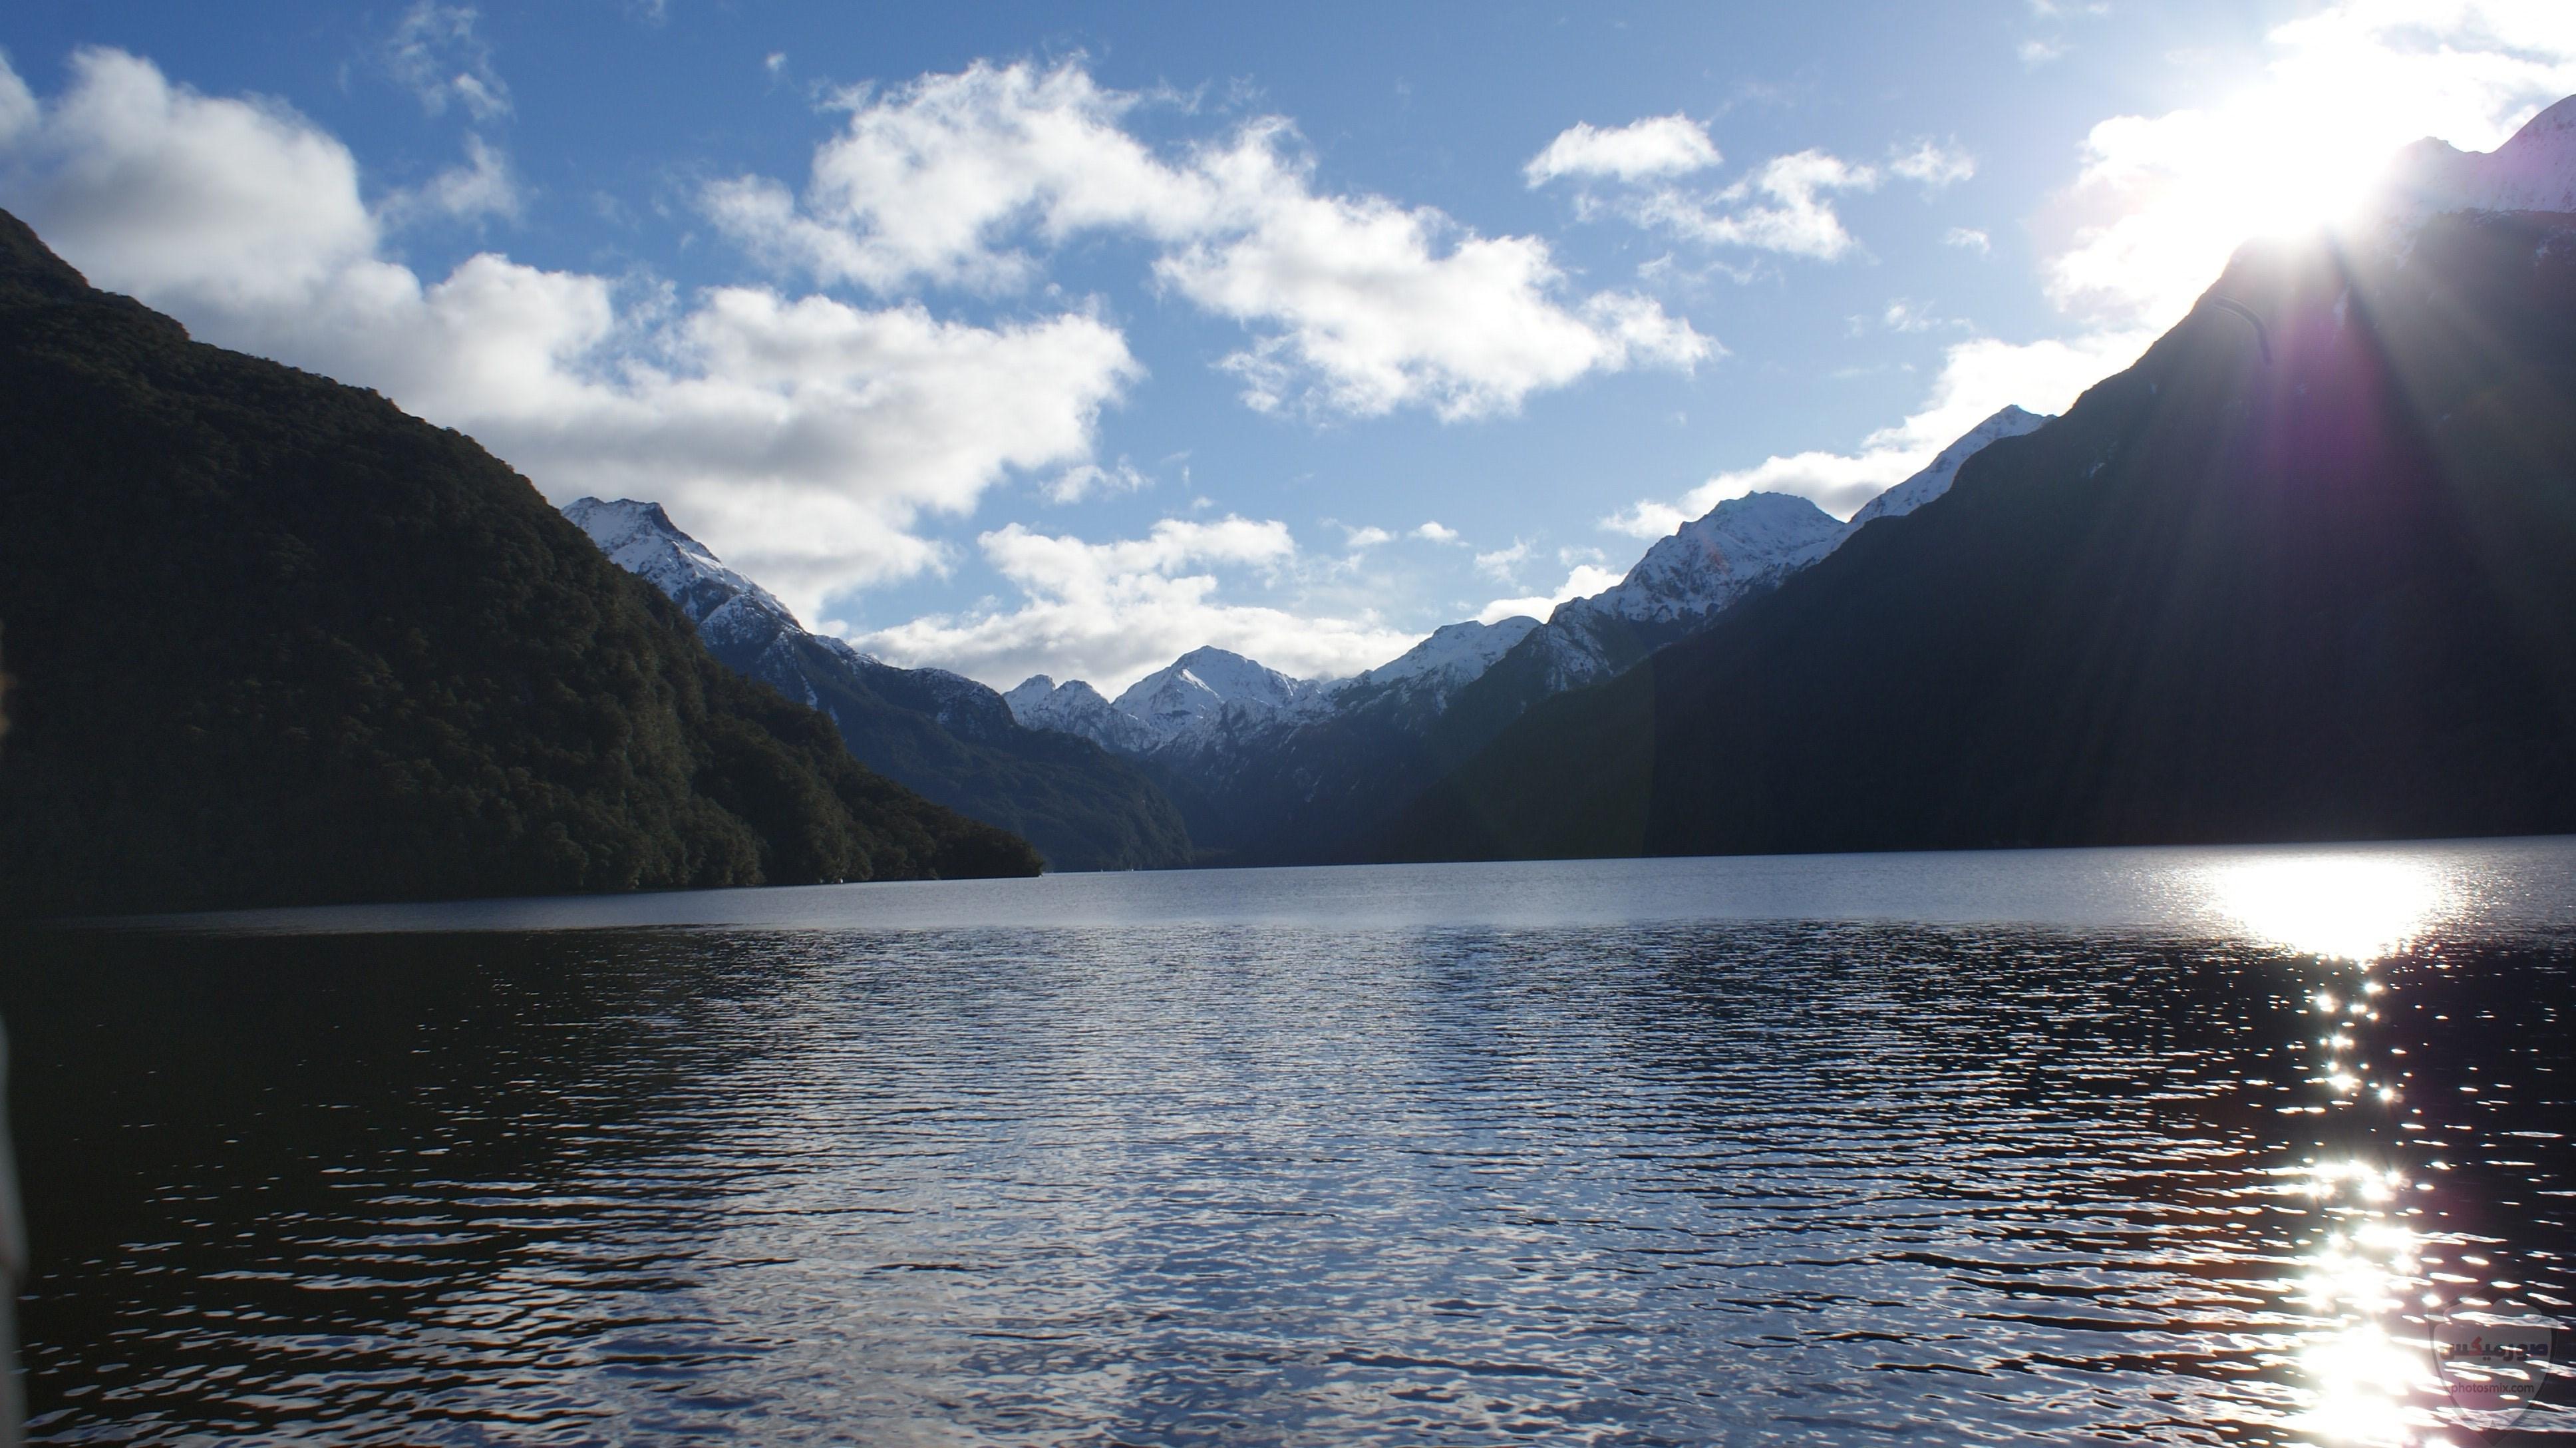 صور وخلفيات جبال وشلالات طبيعية HD خلفيات جبال خضراء وثلجية 42